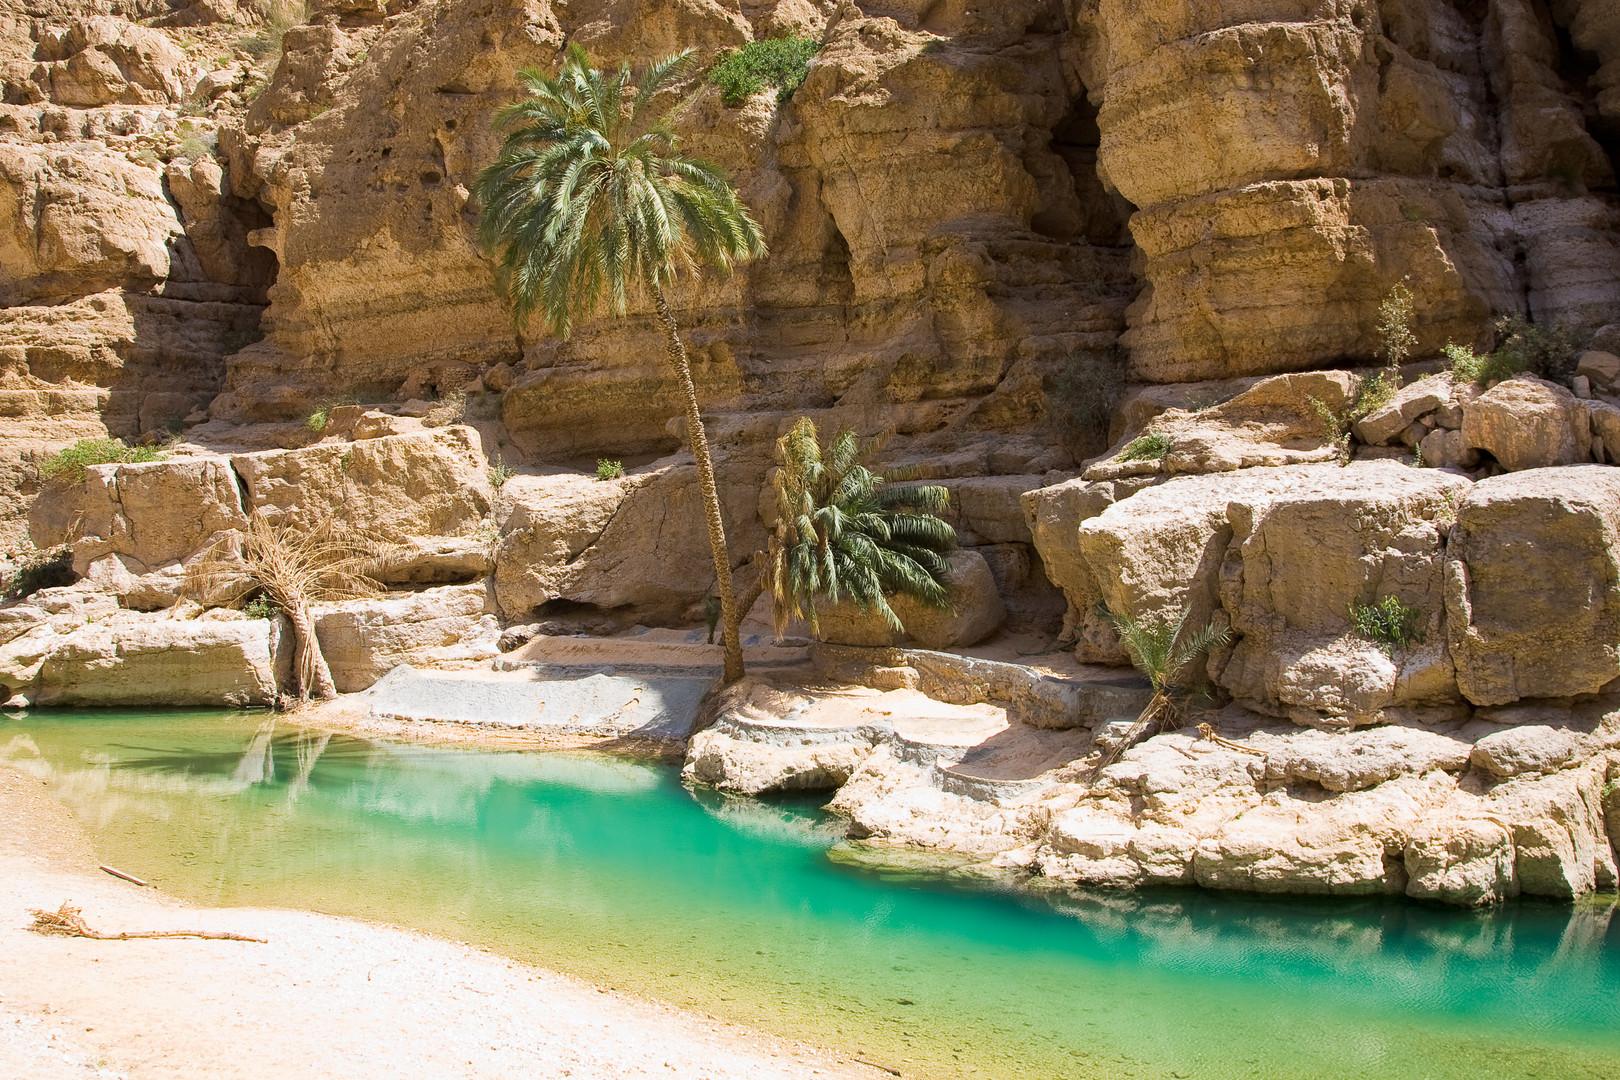 Wadi_Shab_(5).jpg